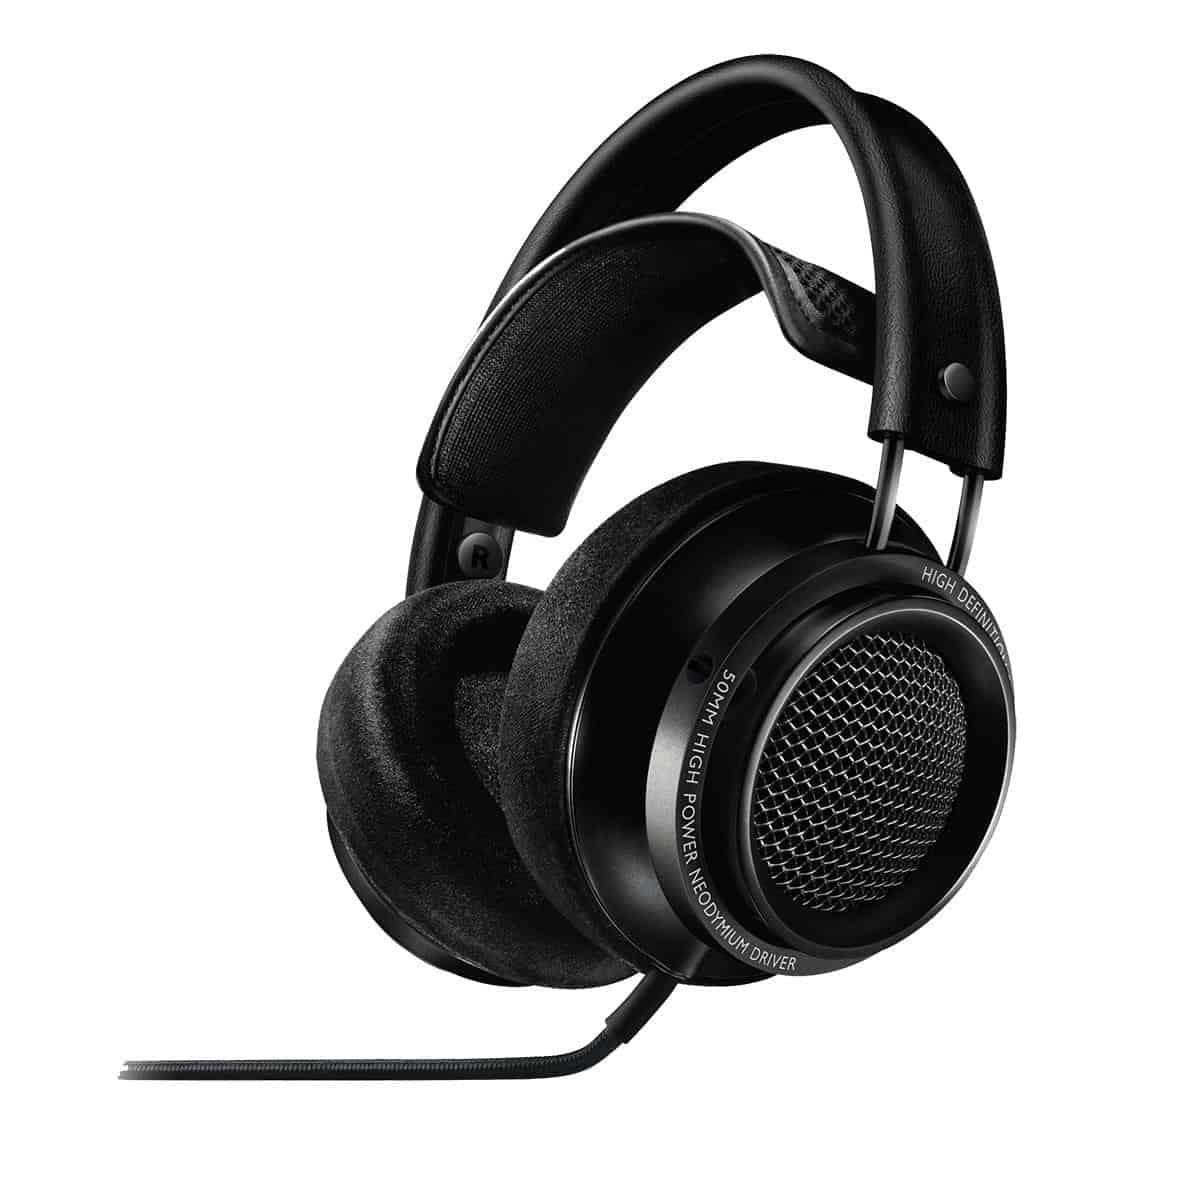 Beats wireless headphones under 50 - beats wireless headphones powerbeats